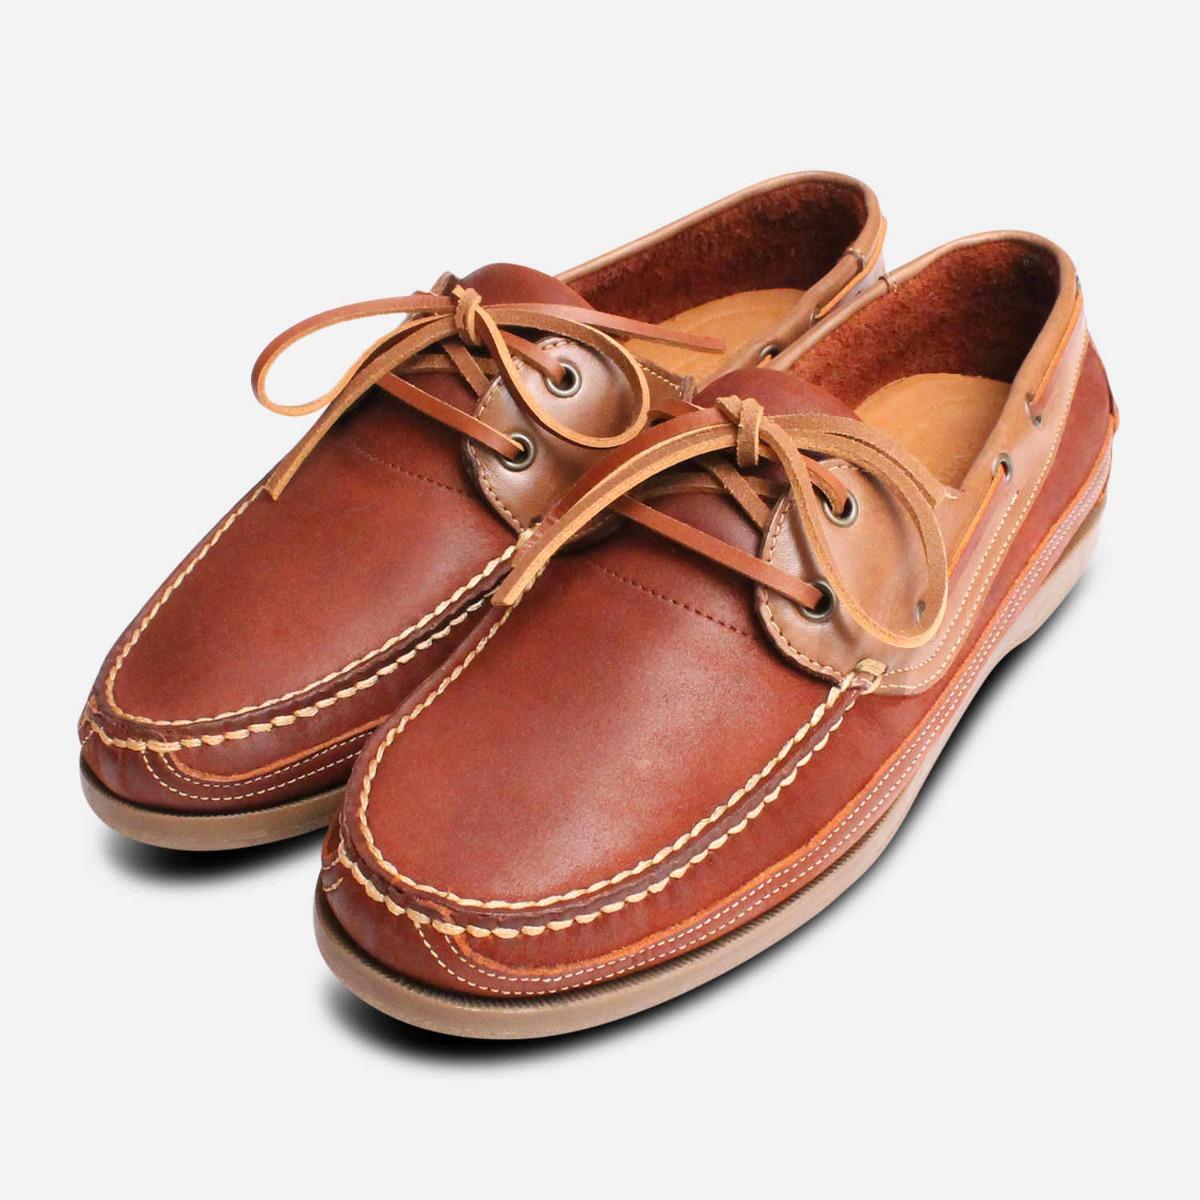 Detalles de Anatomic & Co Marrón Óxido Nubuck Comodidad Zapatos Náuticos